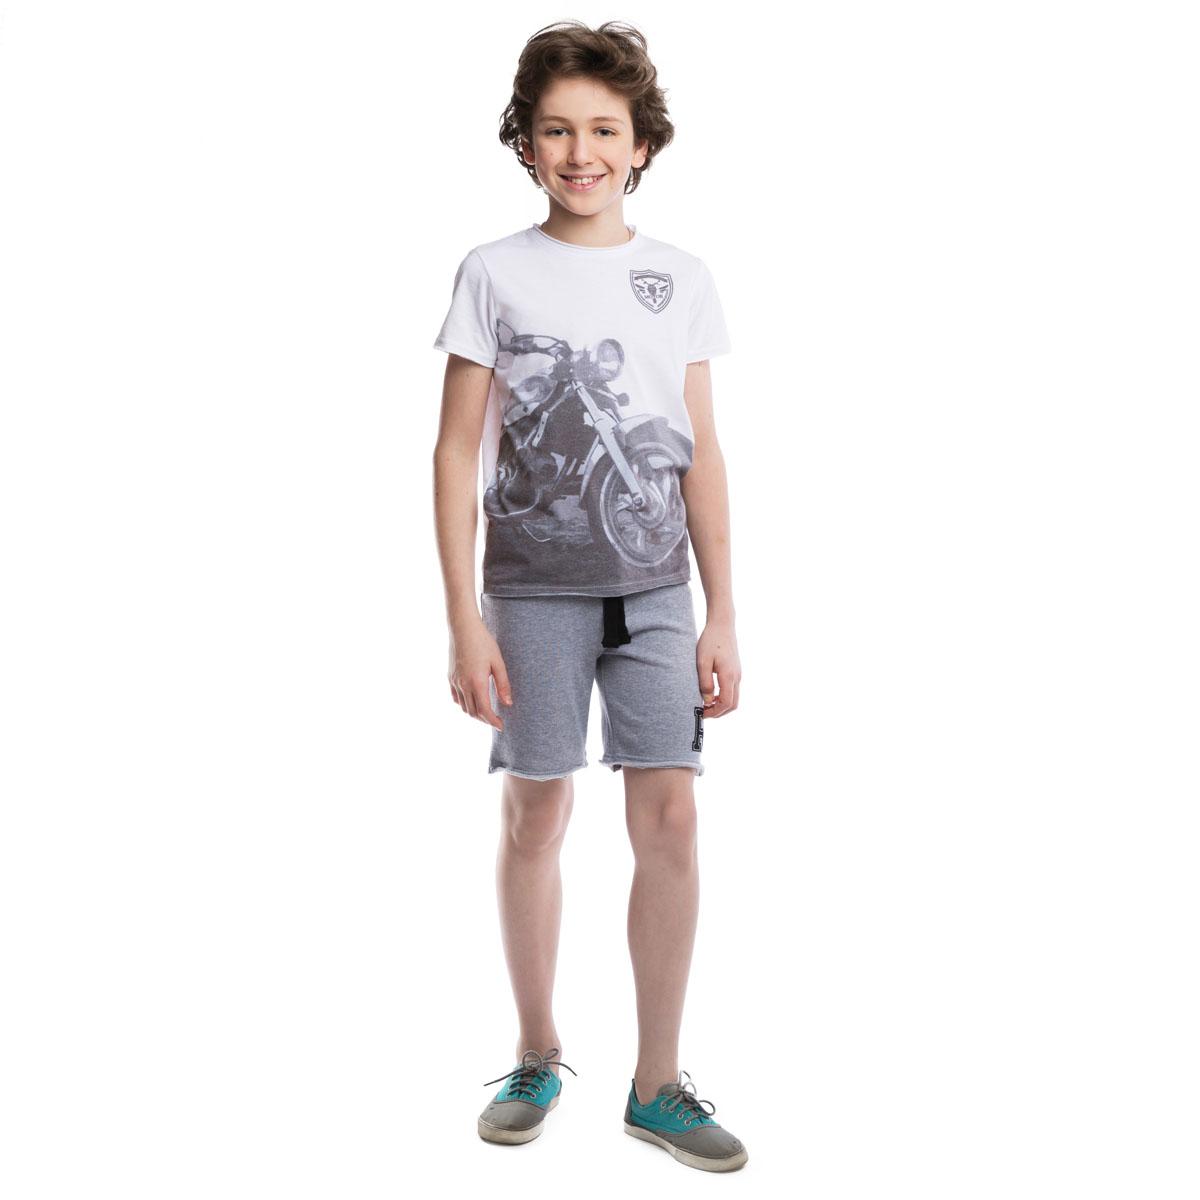 Комплект одежды для мальчиков. 263019263019Комплект из хлопковых шорт и футболки. Футболка украшена крупным водным фотопринтом с мотоциклом. Шорты цвета серый меланж. Пояс на резинке, дополнительно регулируется широким шнурком. Стильный необработанные края.